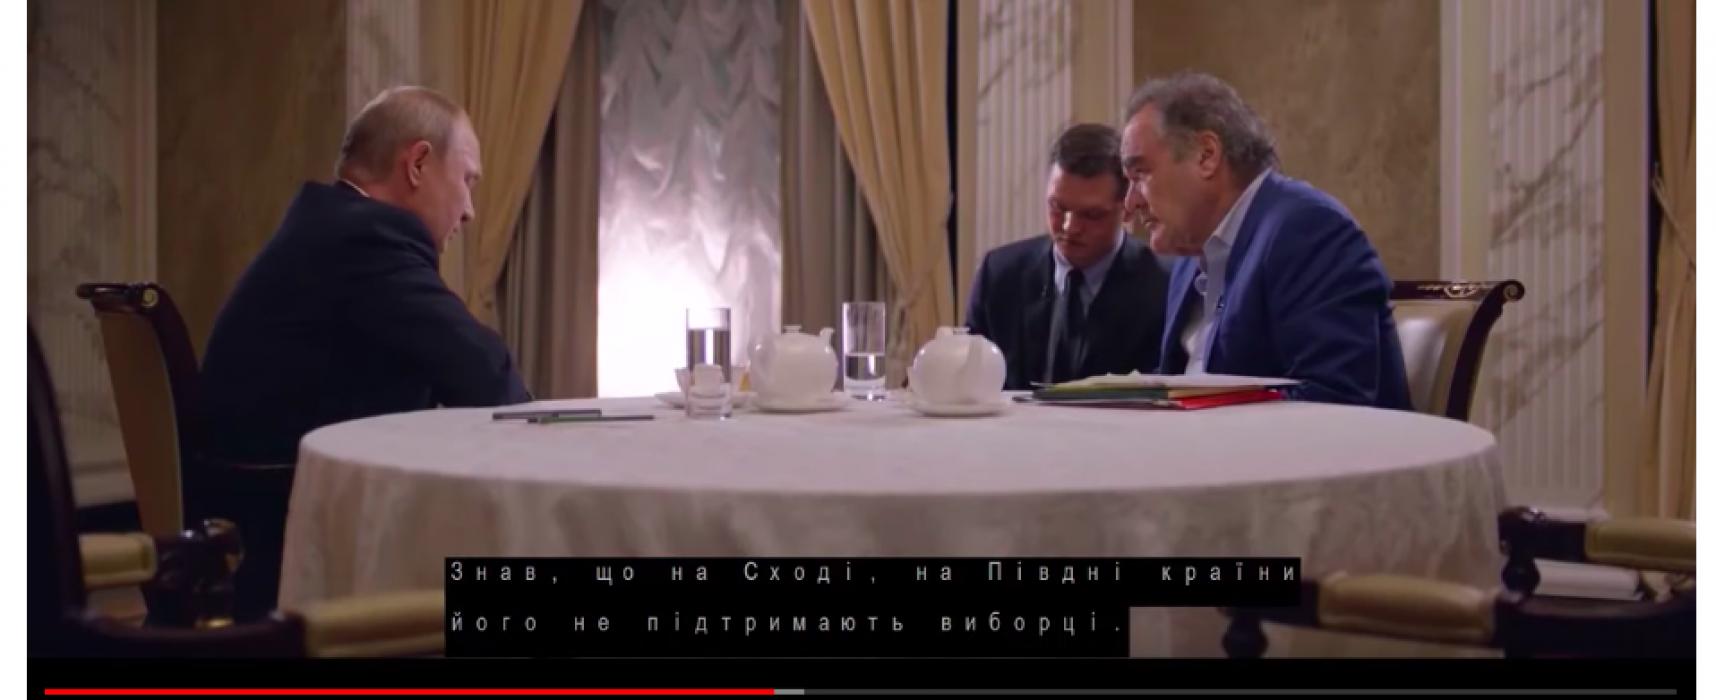 """Какие фейки распространяет фильм Оливера Стоуна """"Revealing Ukraine""""? Часть 2"""